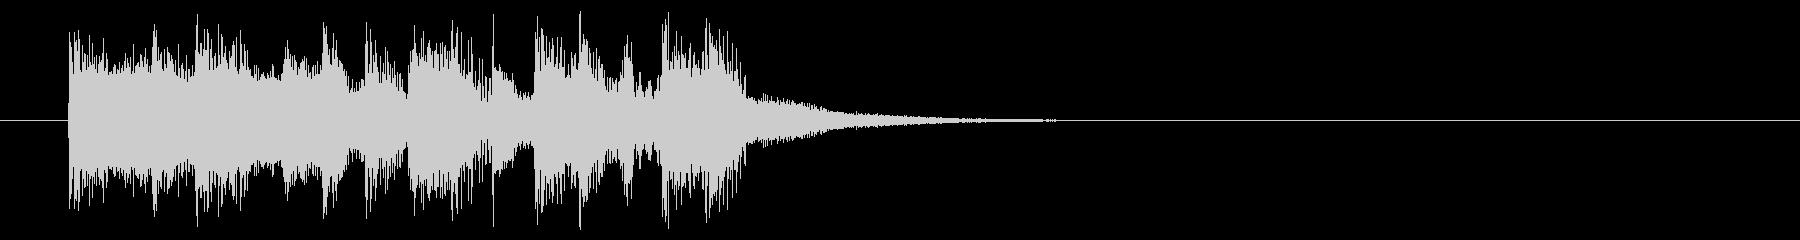 ジングル(意外なおもしろつなぎ)の未再生の波形